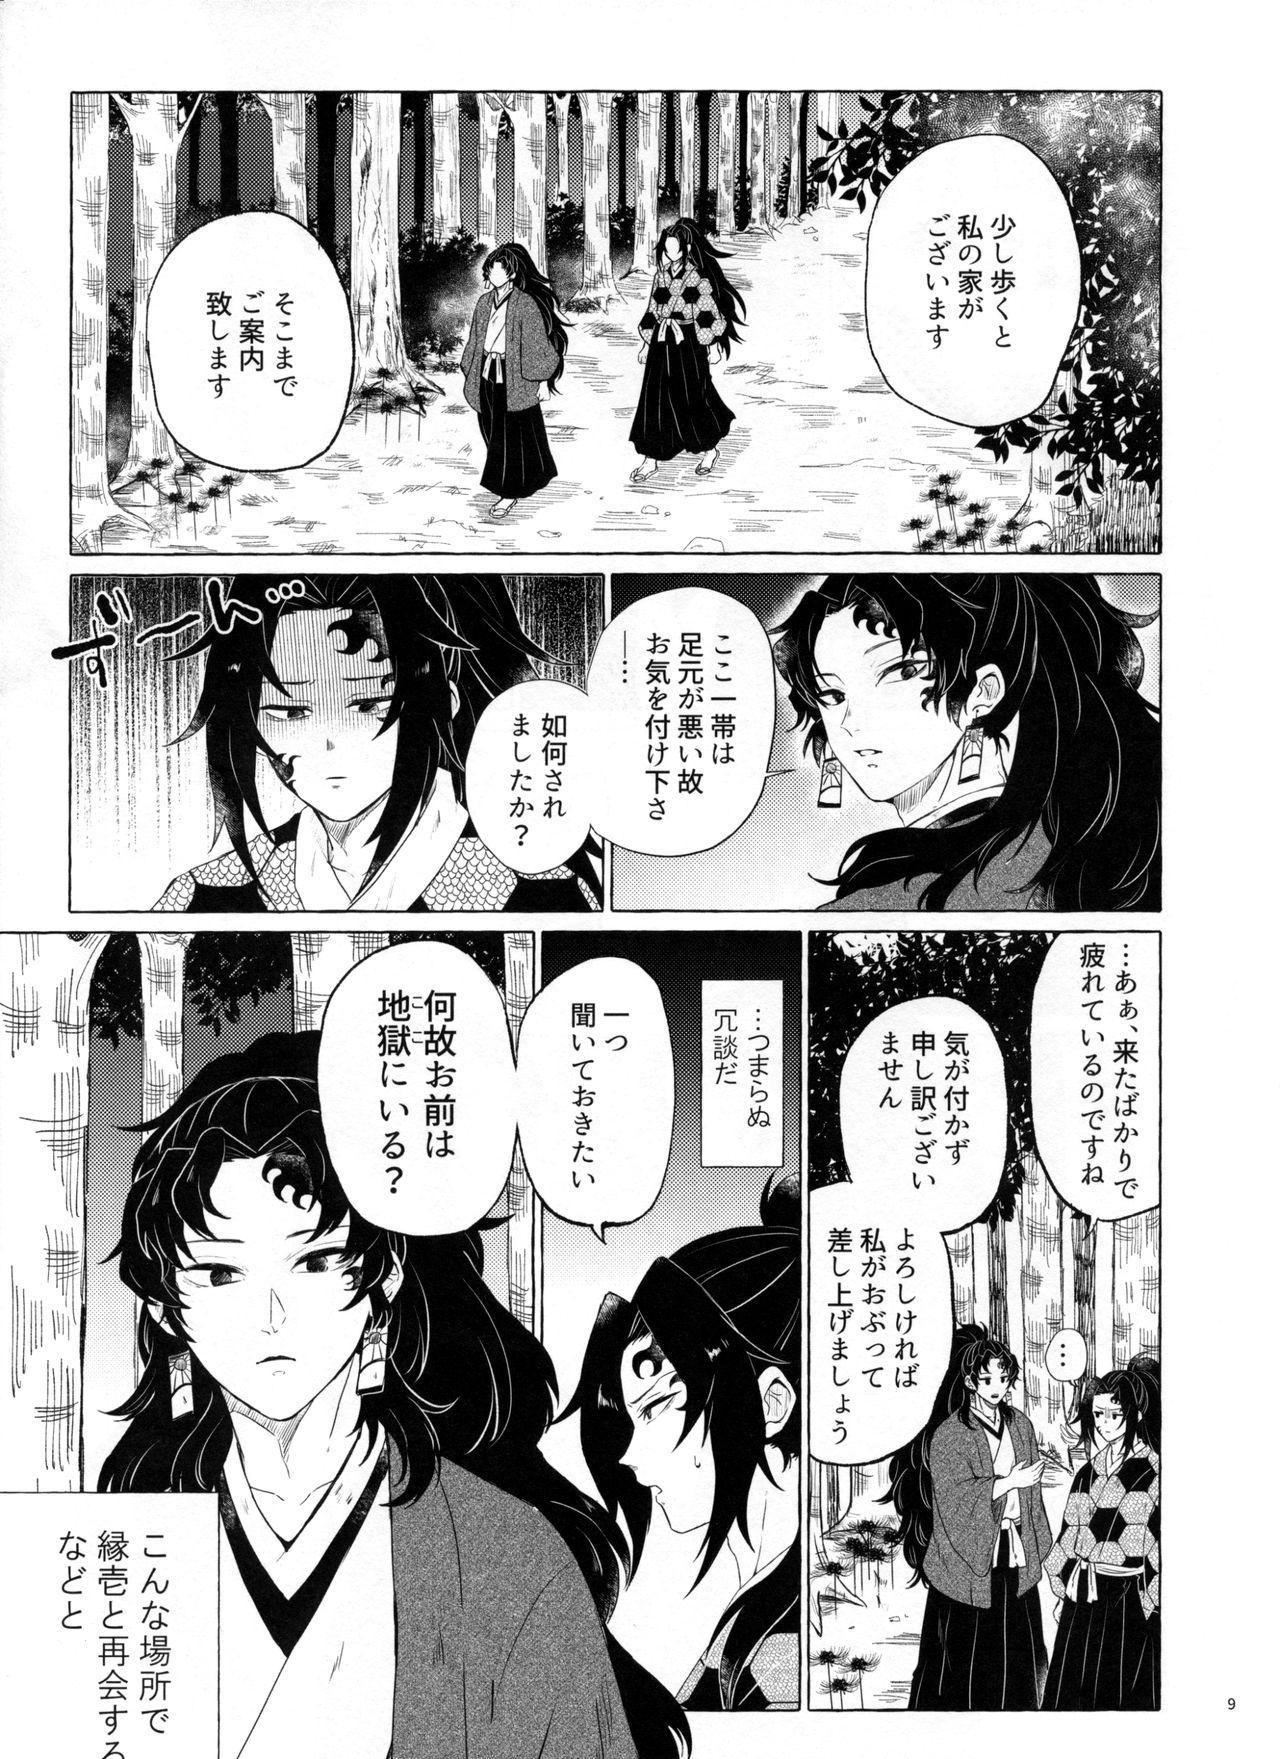 Tanoshii Jigoku no Icchoume 7